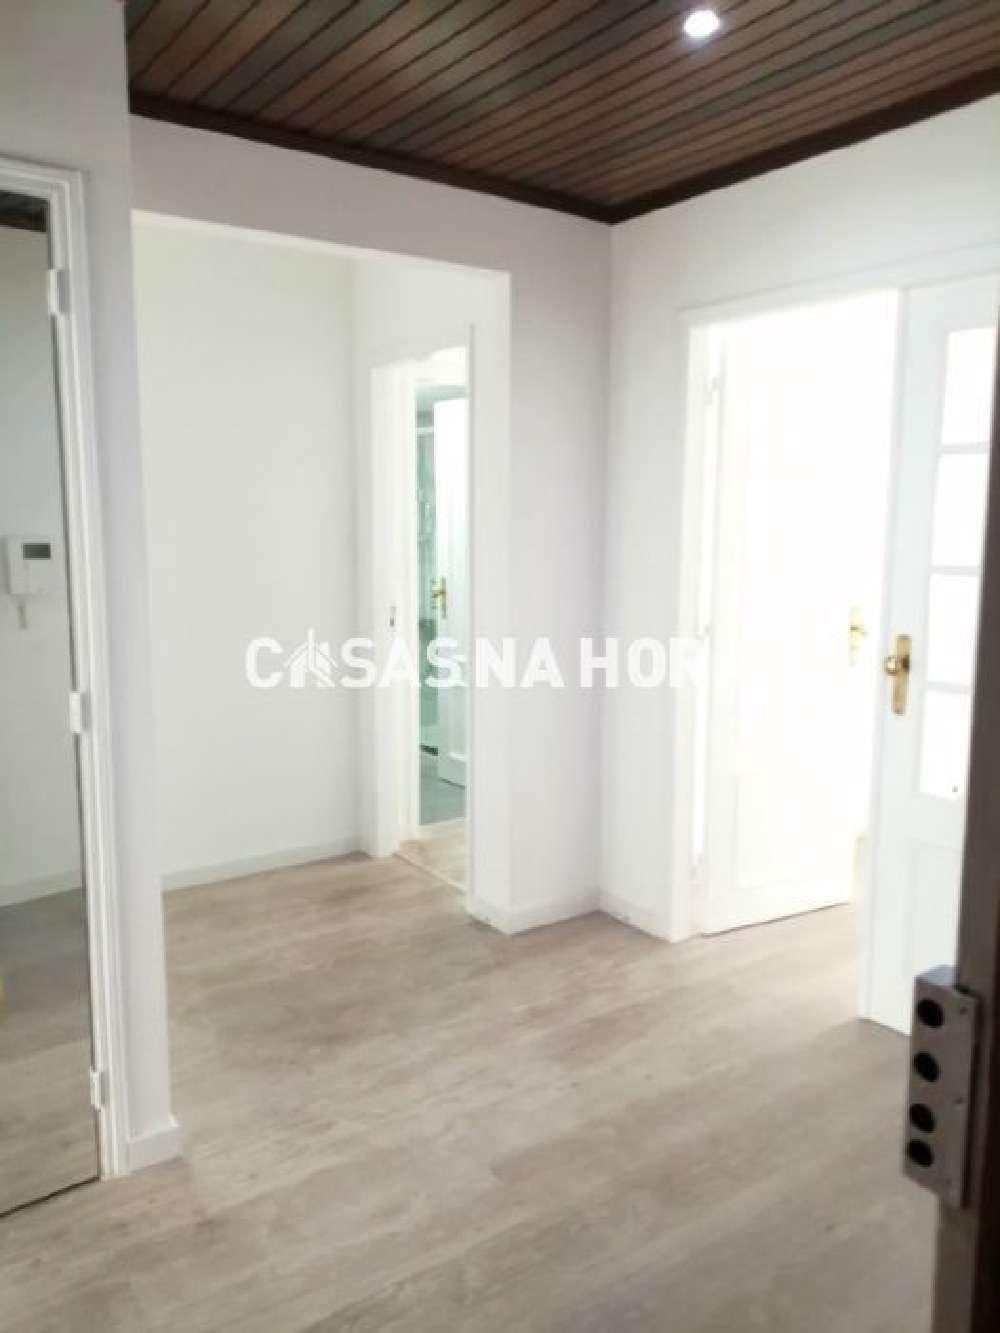 Corroios Seixal apartment picture 138880